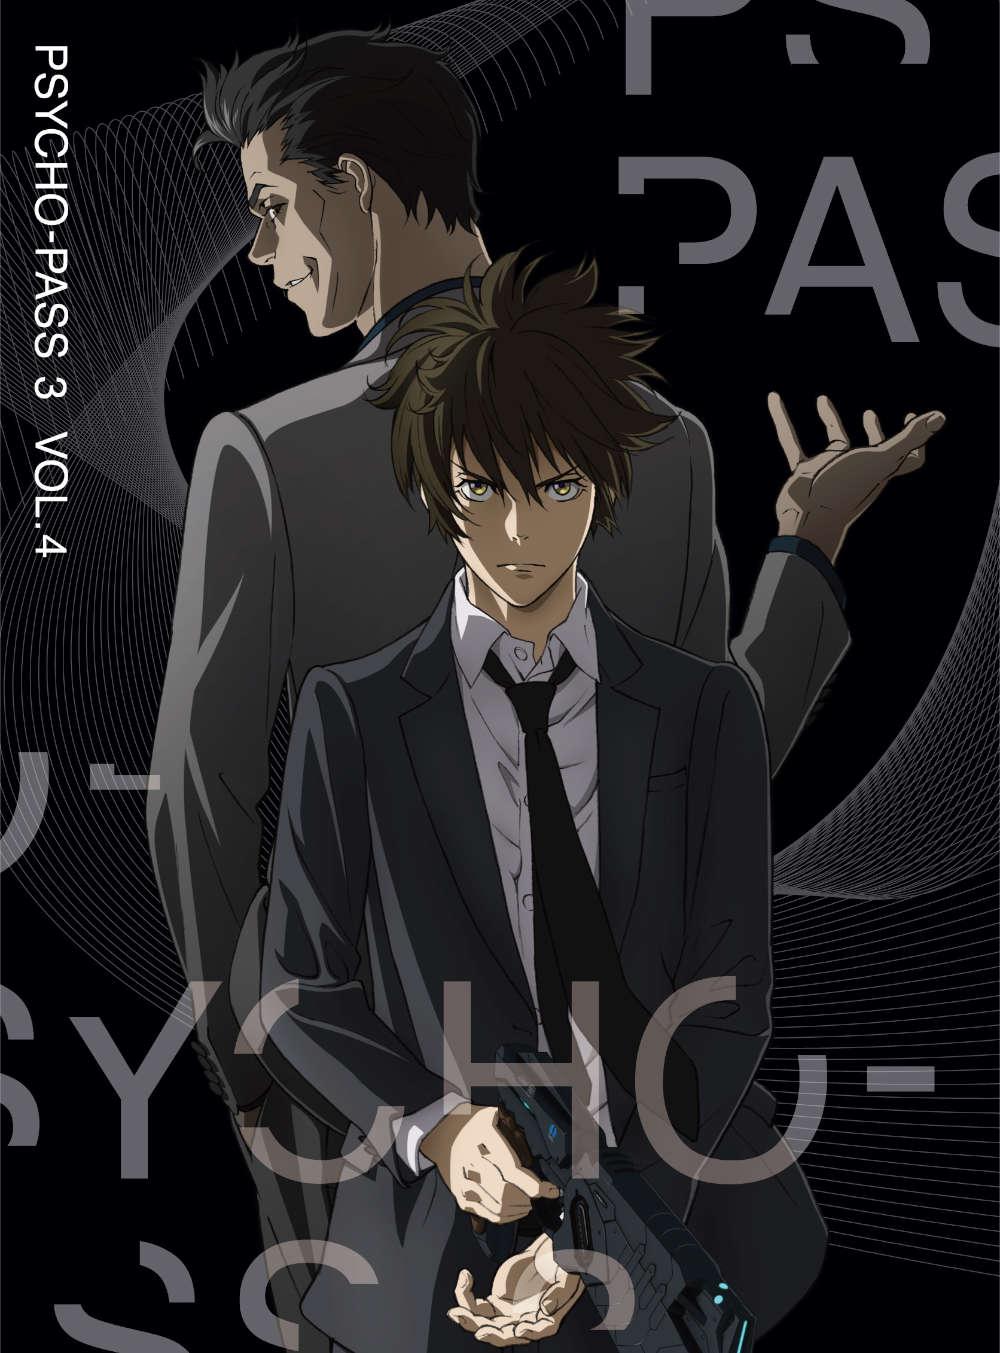 PSYCHO-PASS サイコパス 3 Vol.4 Blu-ray 初回生産限定版